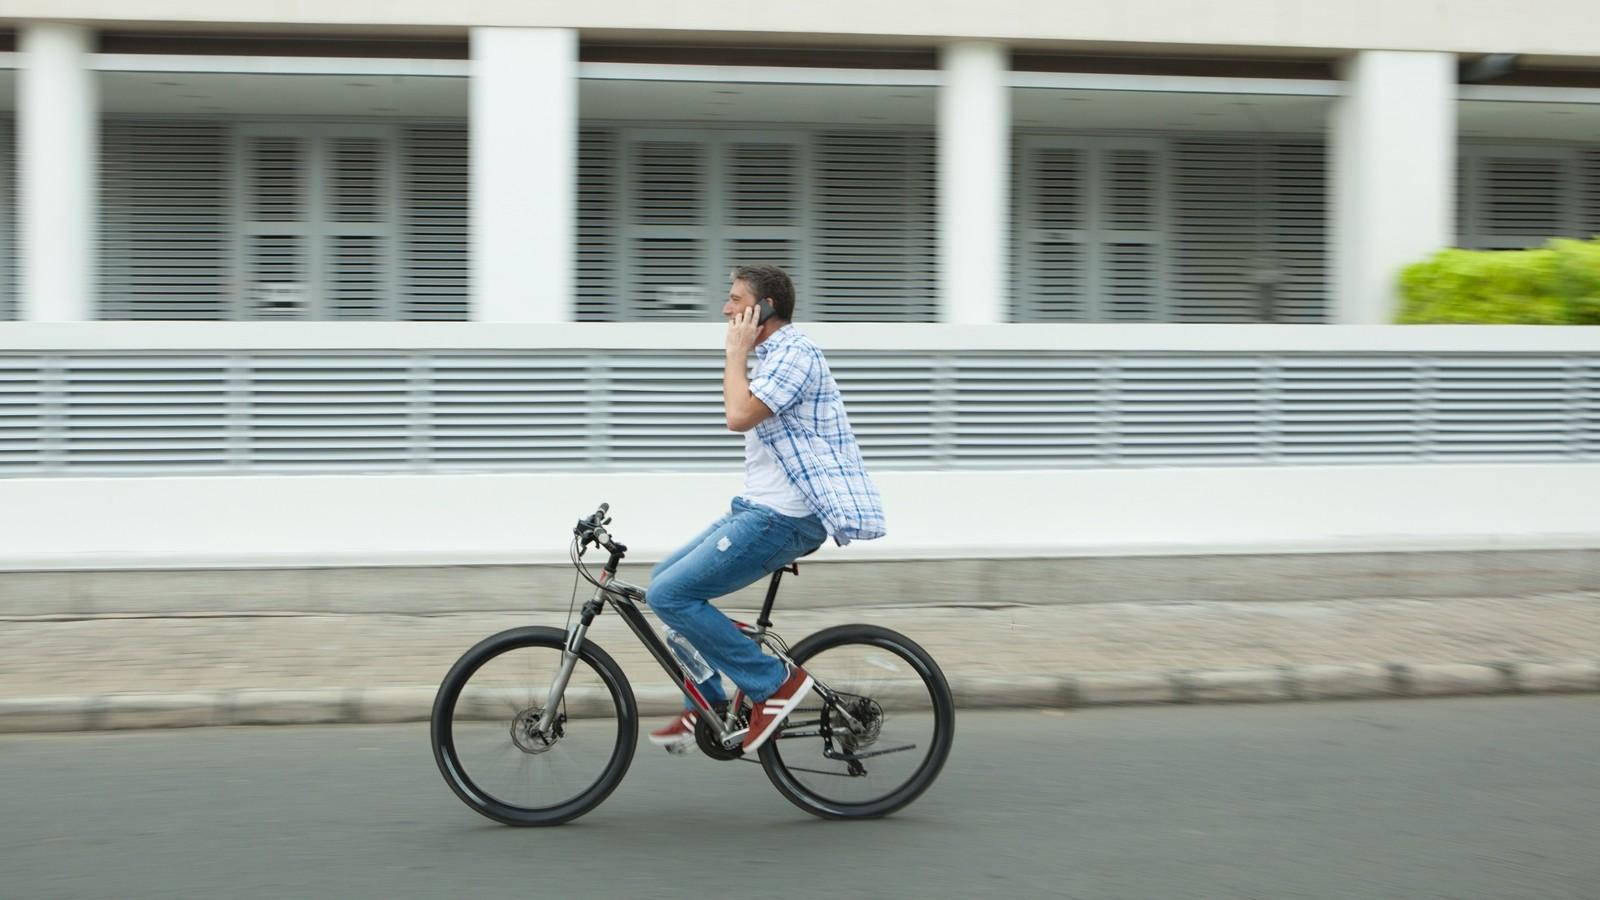 Имеет ли право велосипедист ехать по тротуару